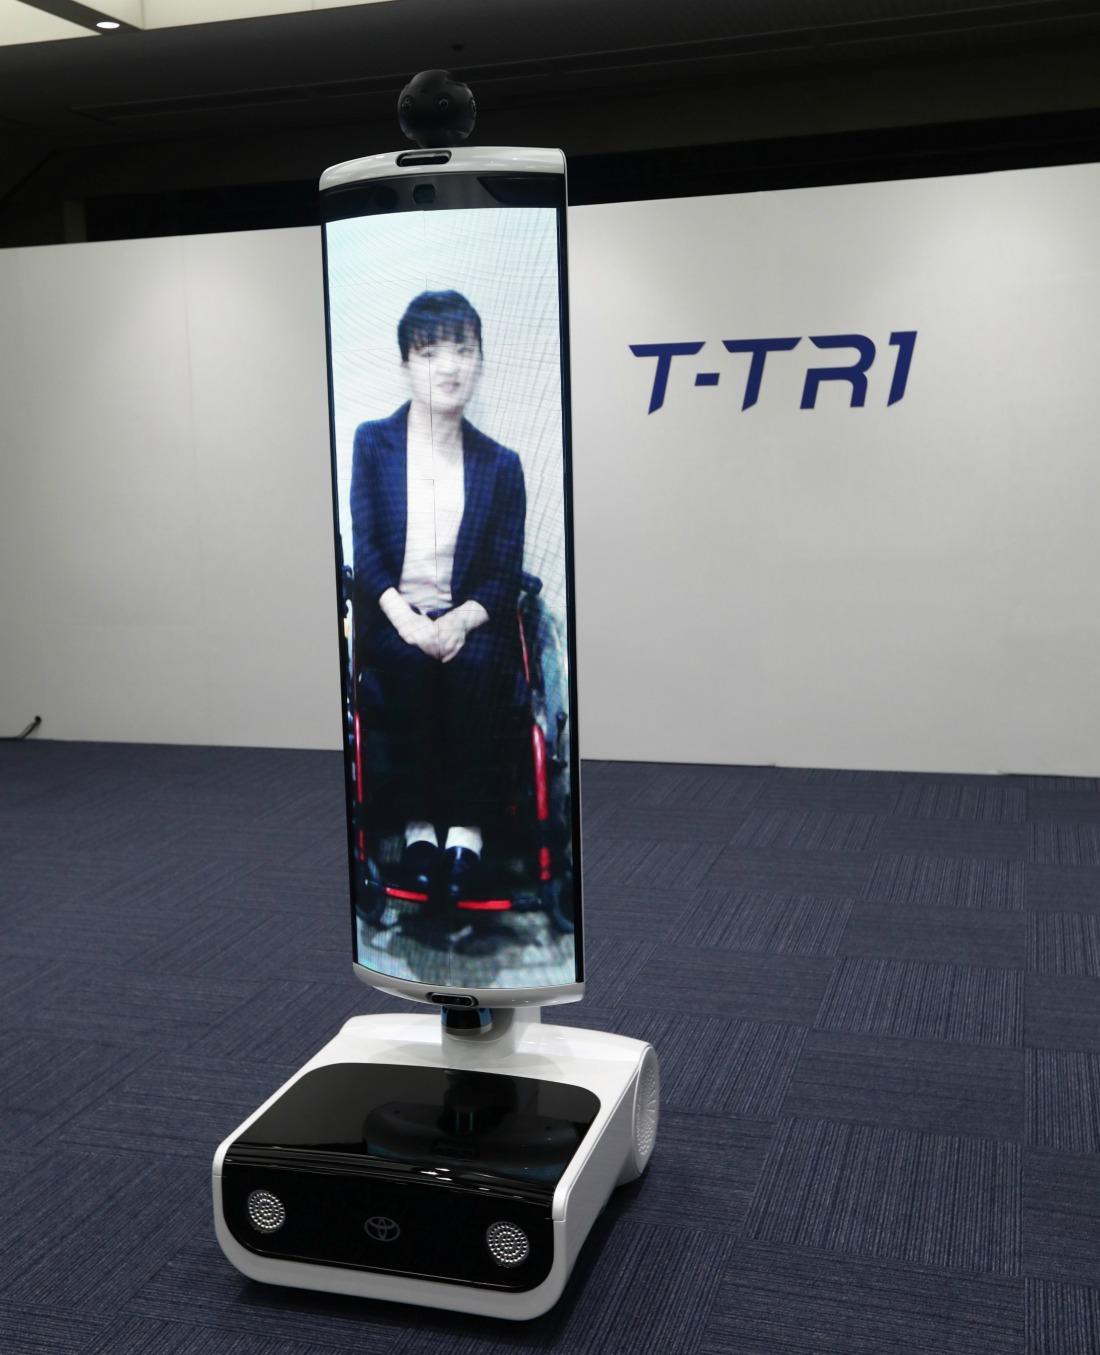 t-tr1, tokyo 2020, olympische spelen, japan, robots, tokio